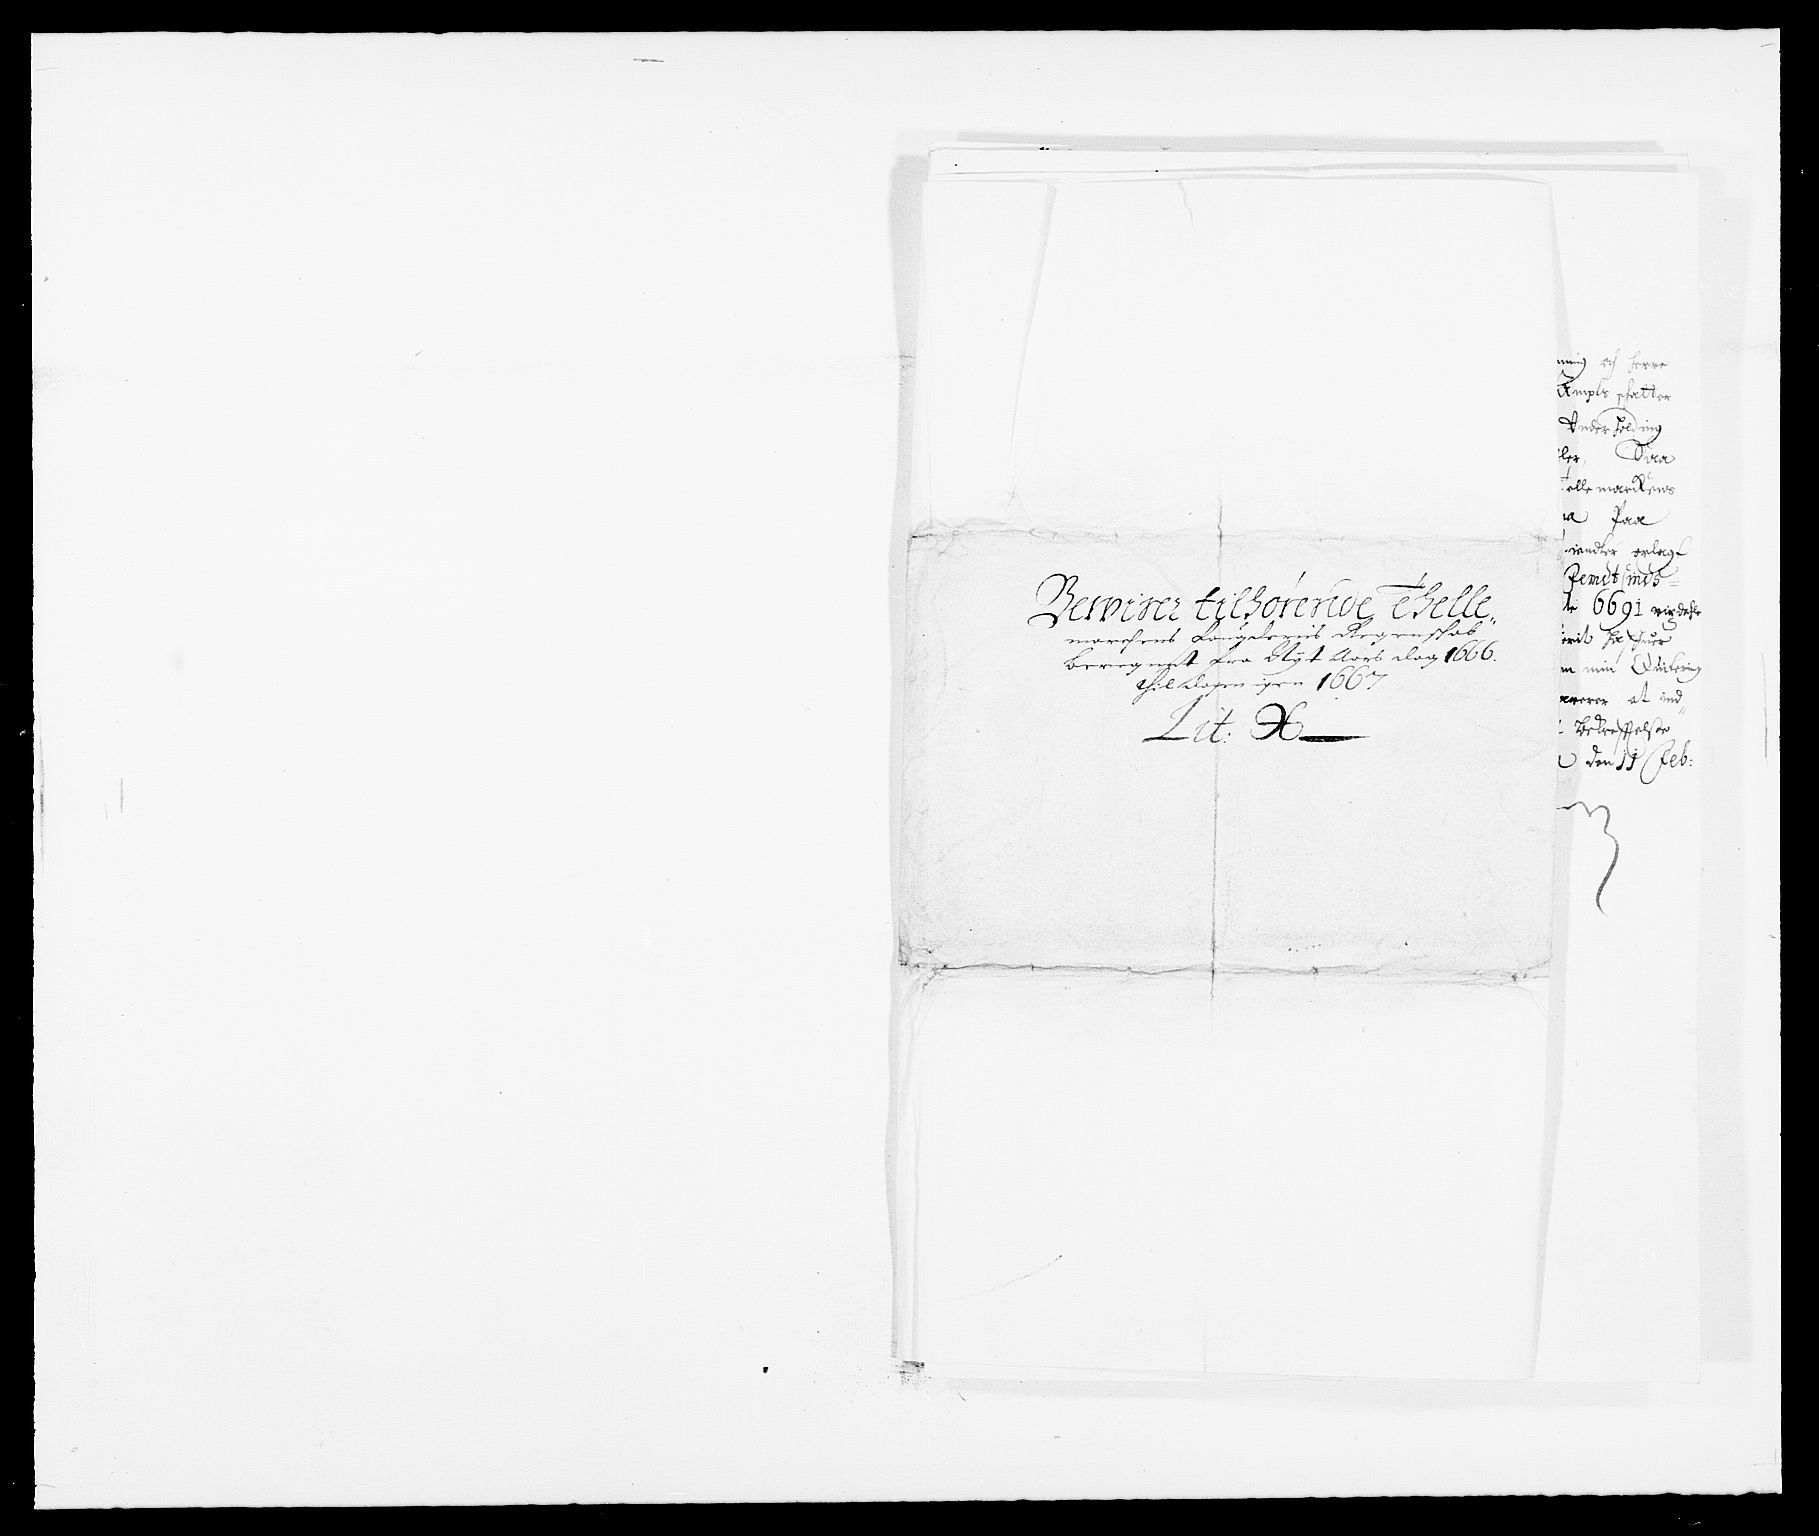 RA, Rentekammeret inntil 1814, Reviderte regnskaper, Fogderegnskap, R35/L2057: Fogderegnskap Øvre og Nedre Telemark, 1666-1667, s. 274